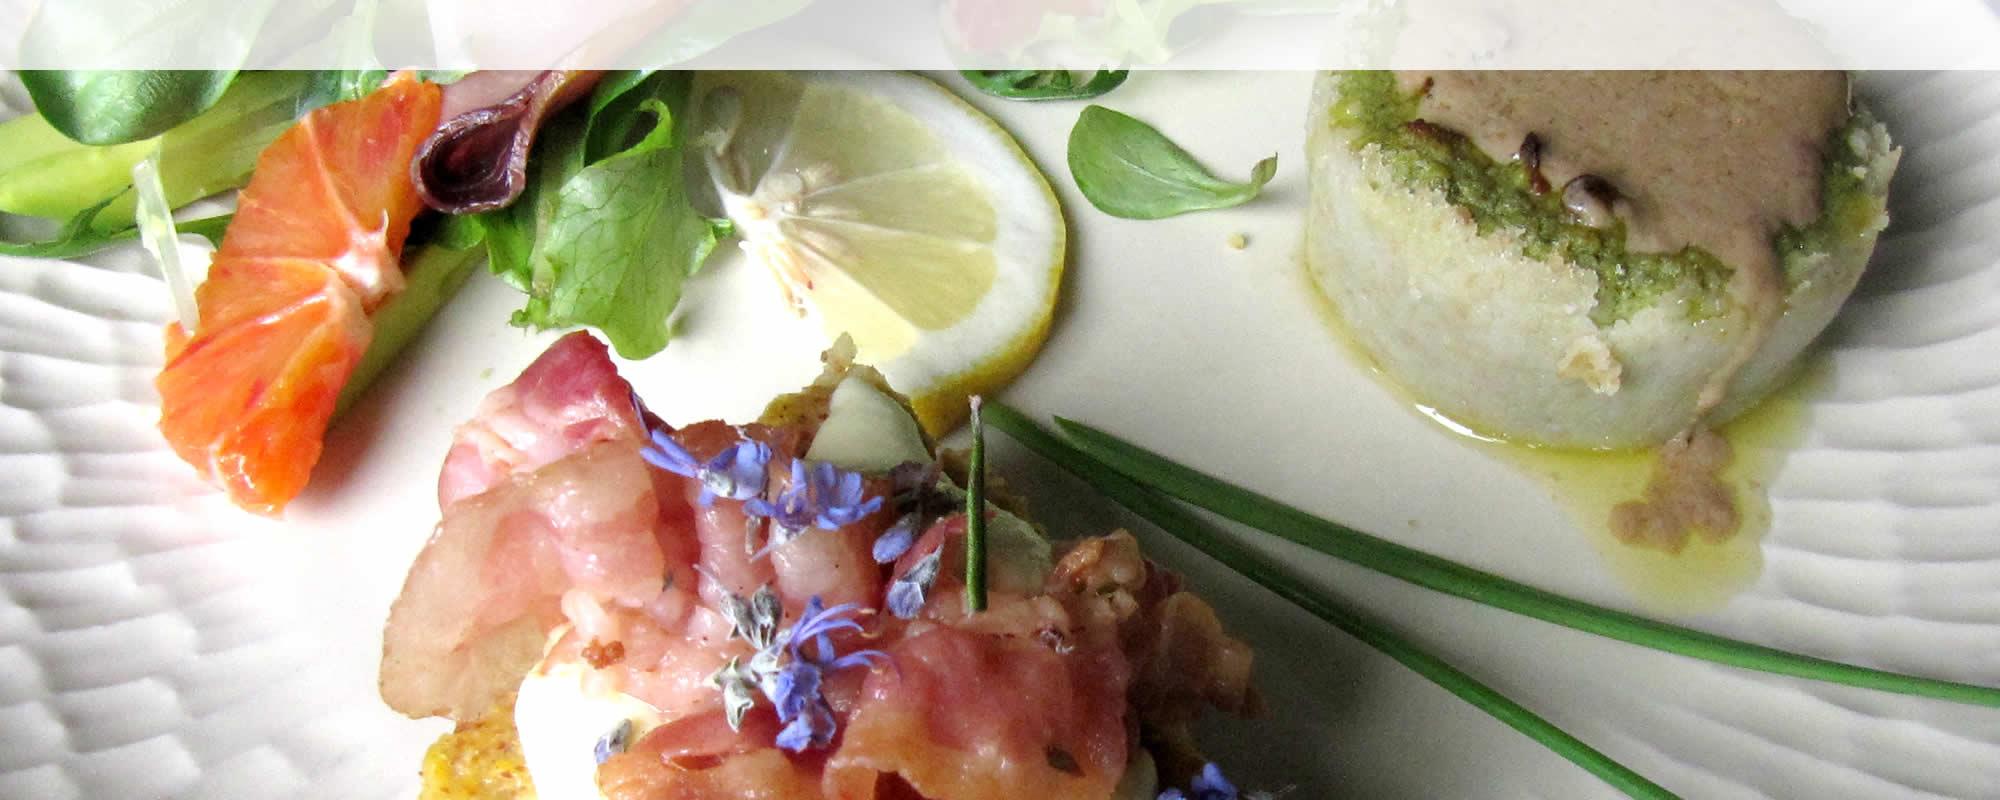 La nostra cucina locanda galleria rosazza for Z cucina menu